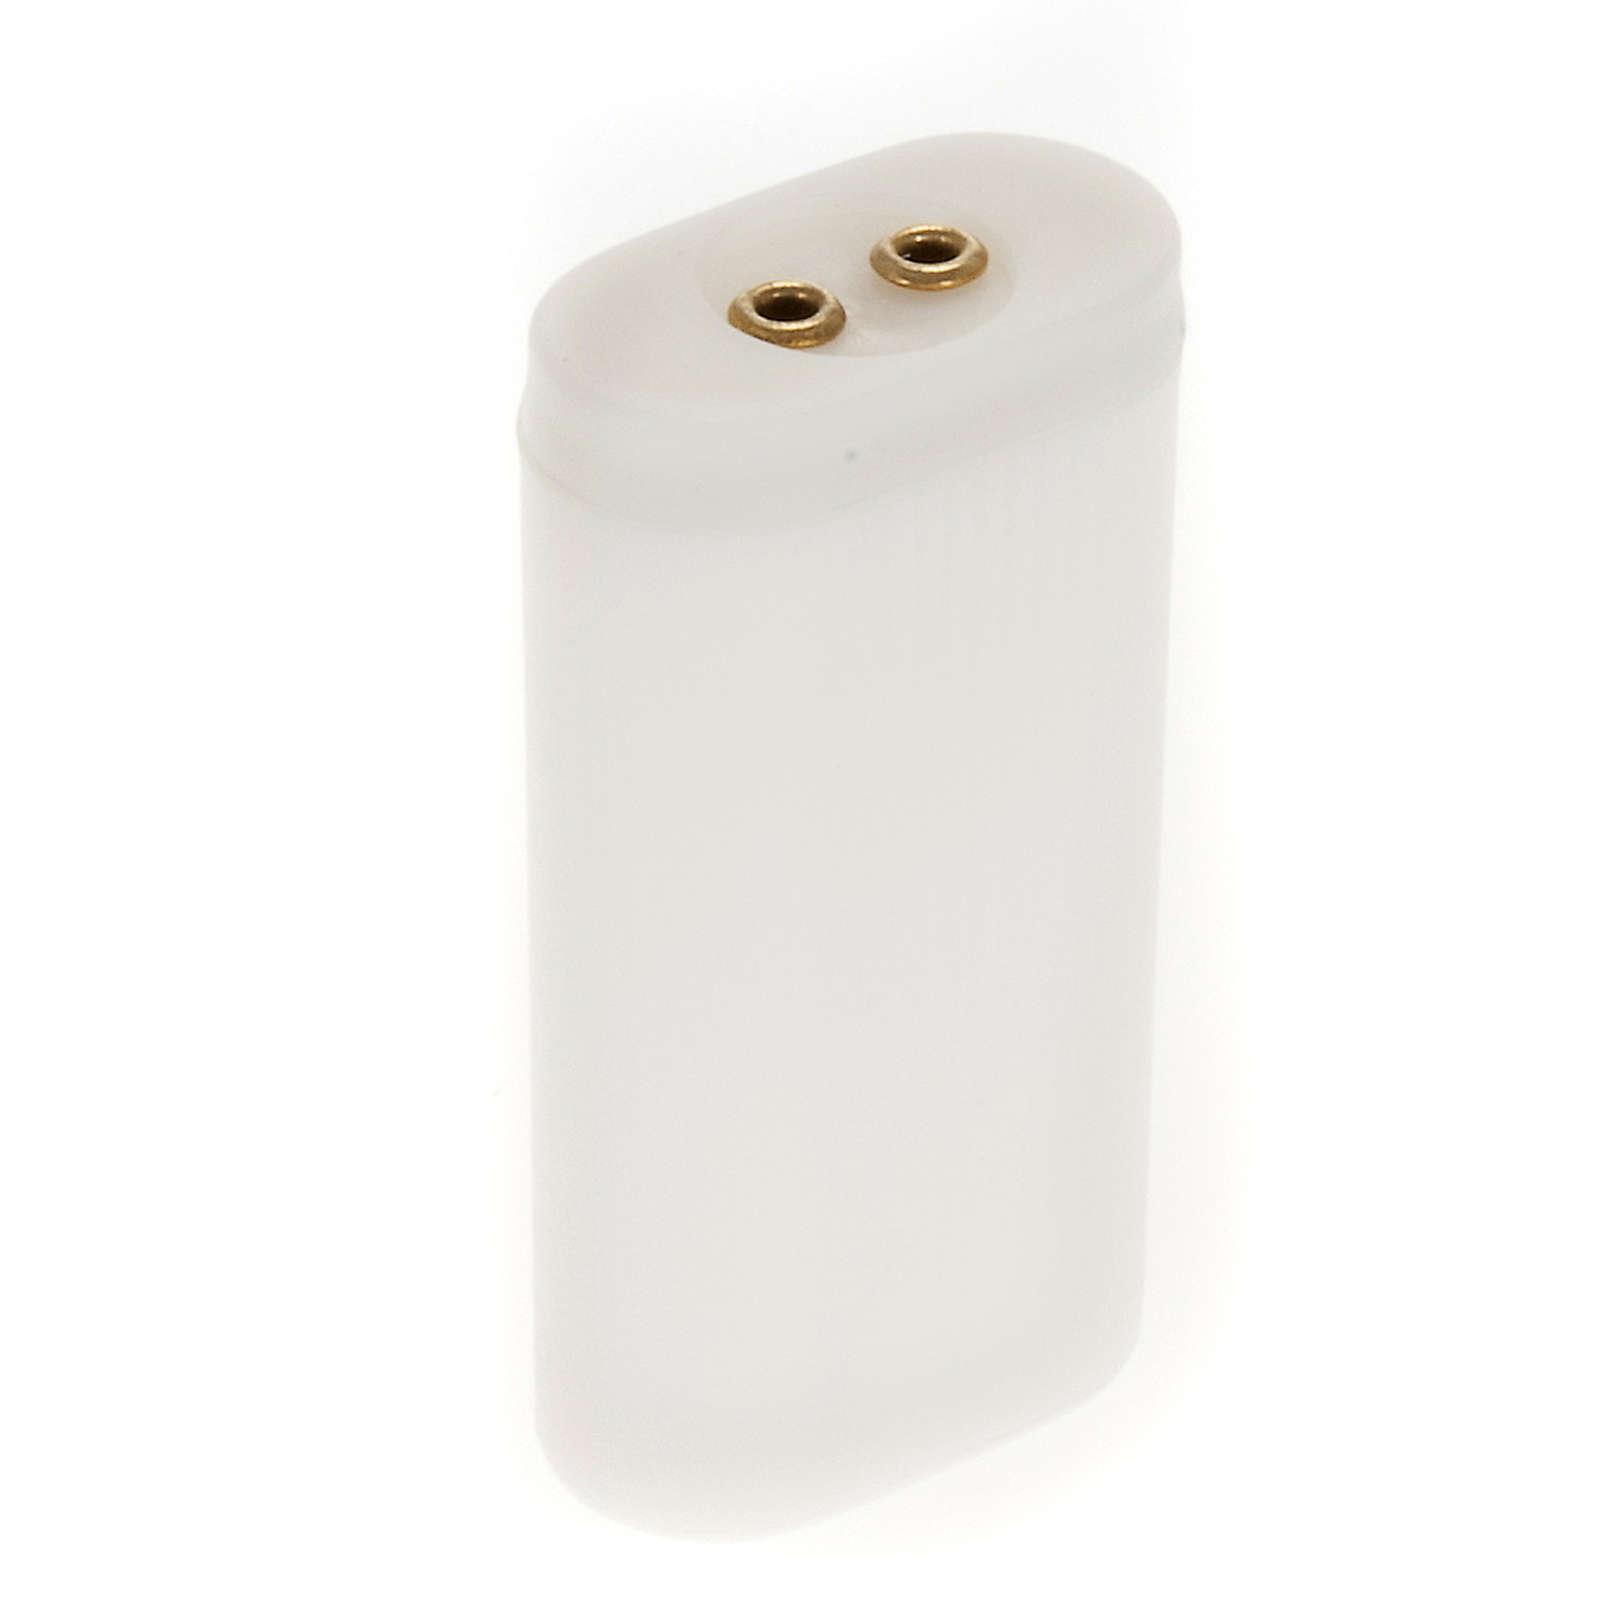 Lleva baterías AA para luces belén 4